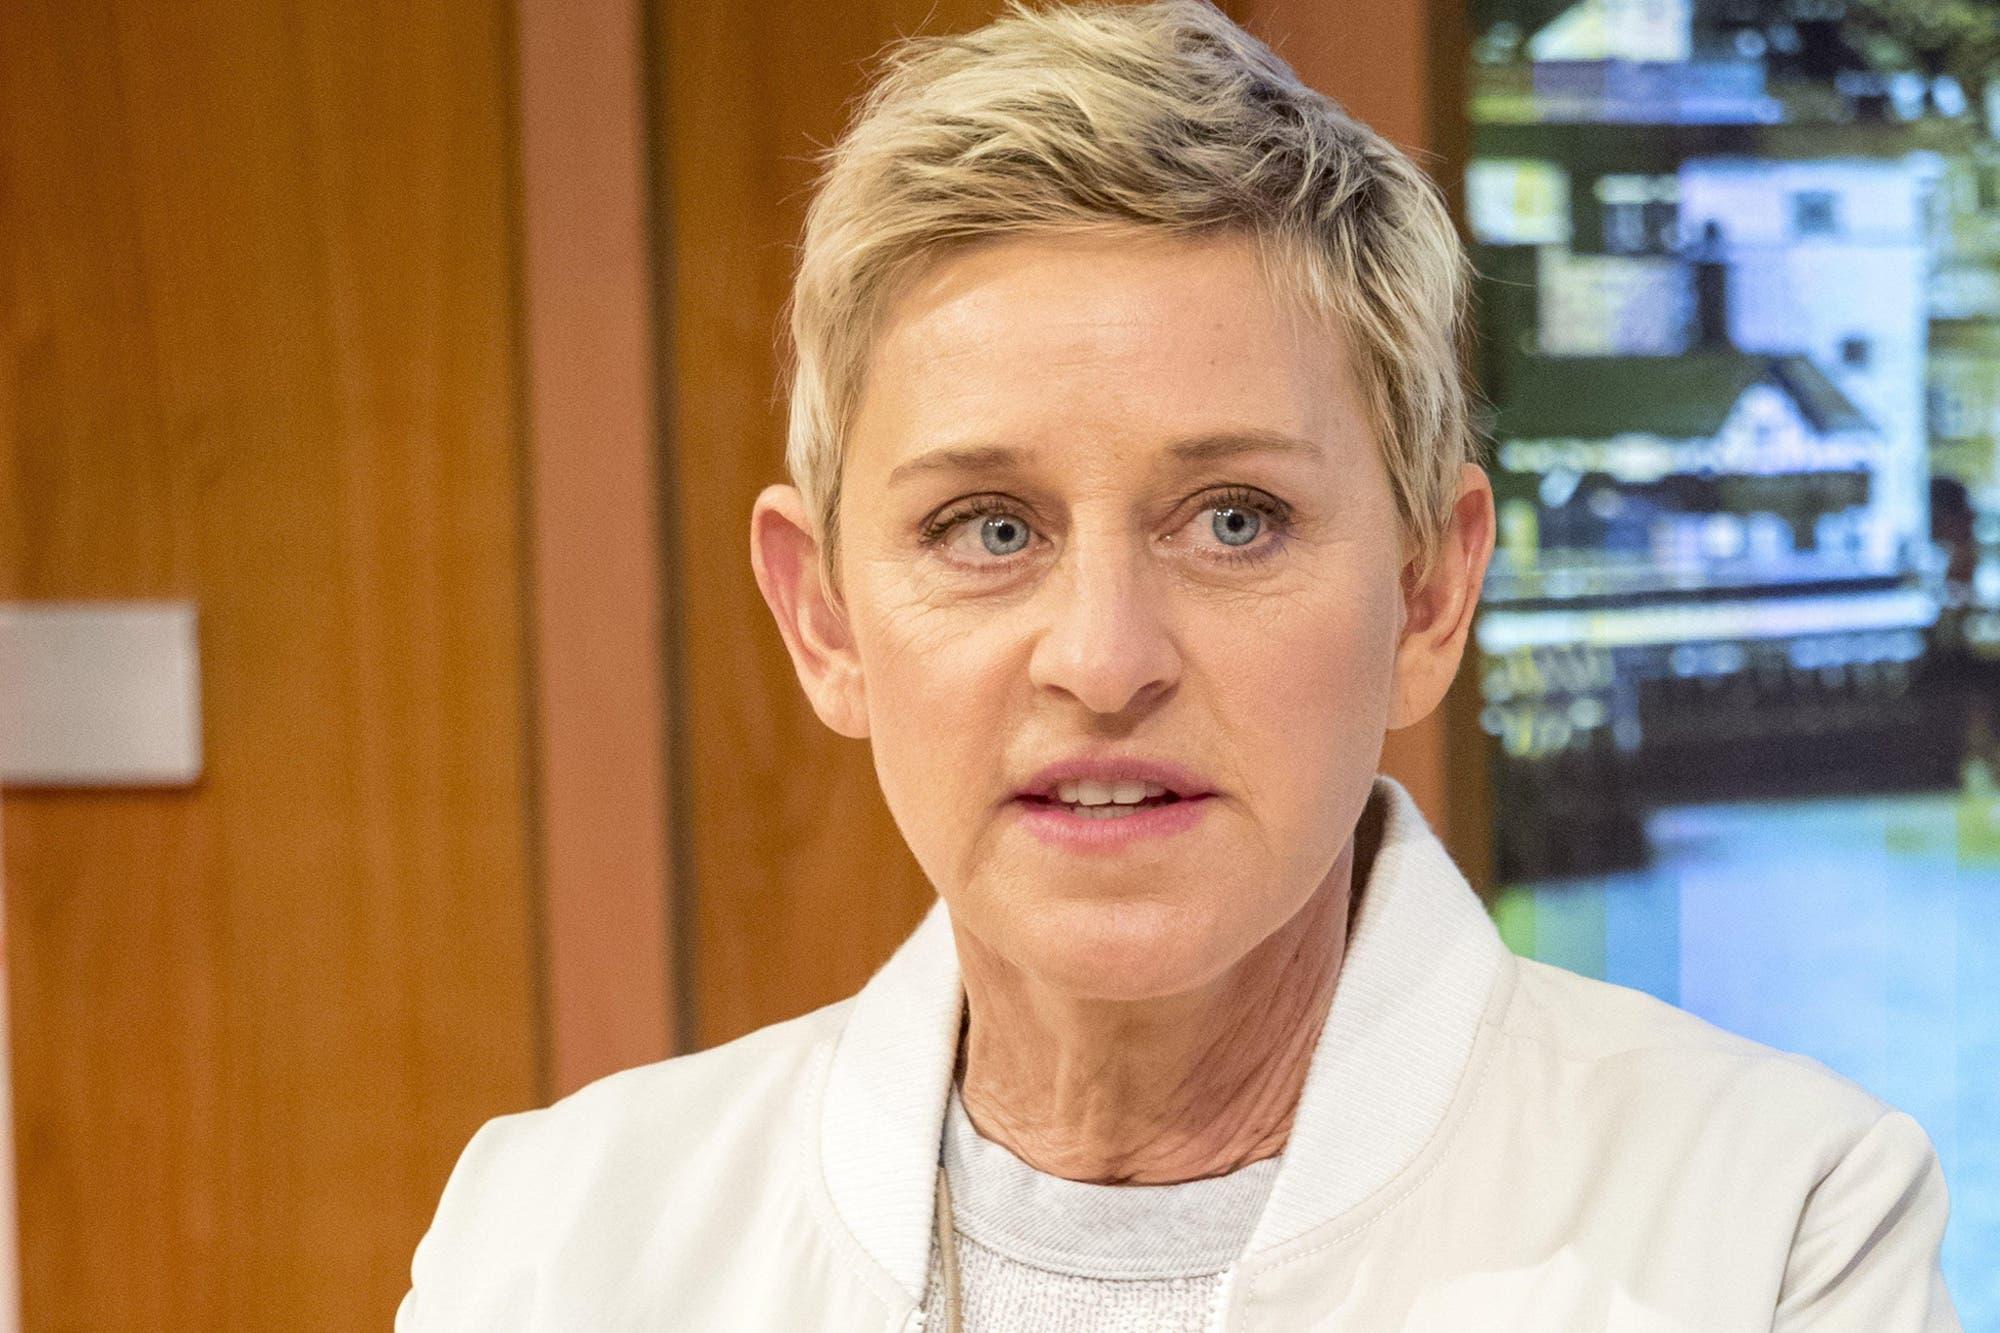 La vuelta de Ellen DeGeneres: pidió perdón y aseguró que arranca un nuevo capítulo, tras ser acusada de maltrato